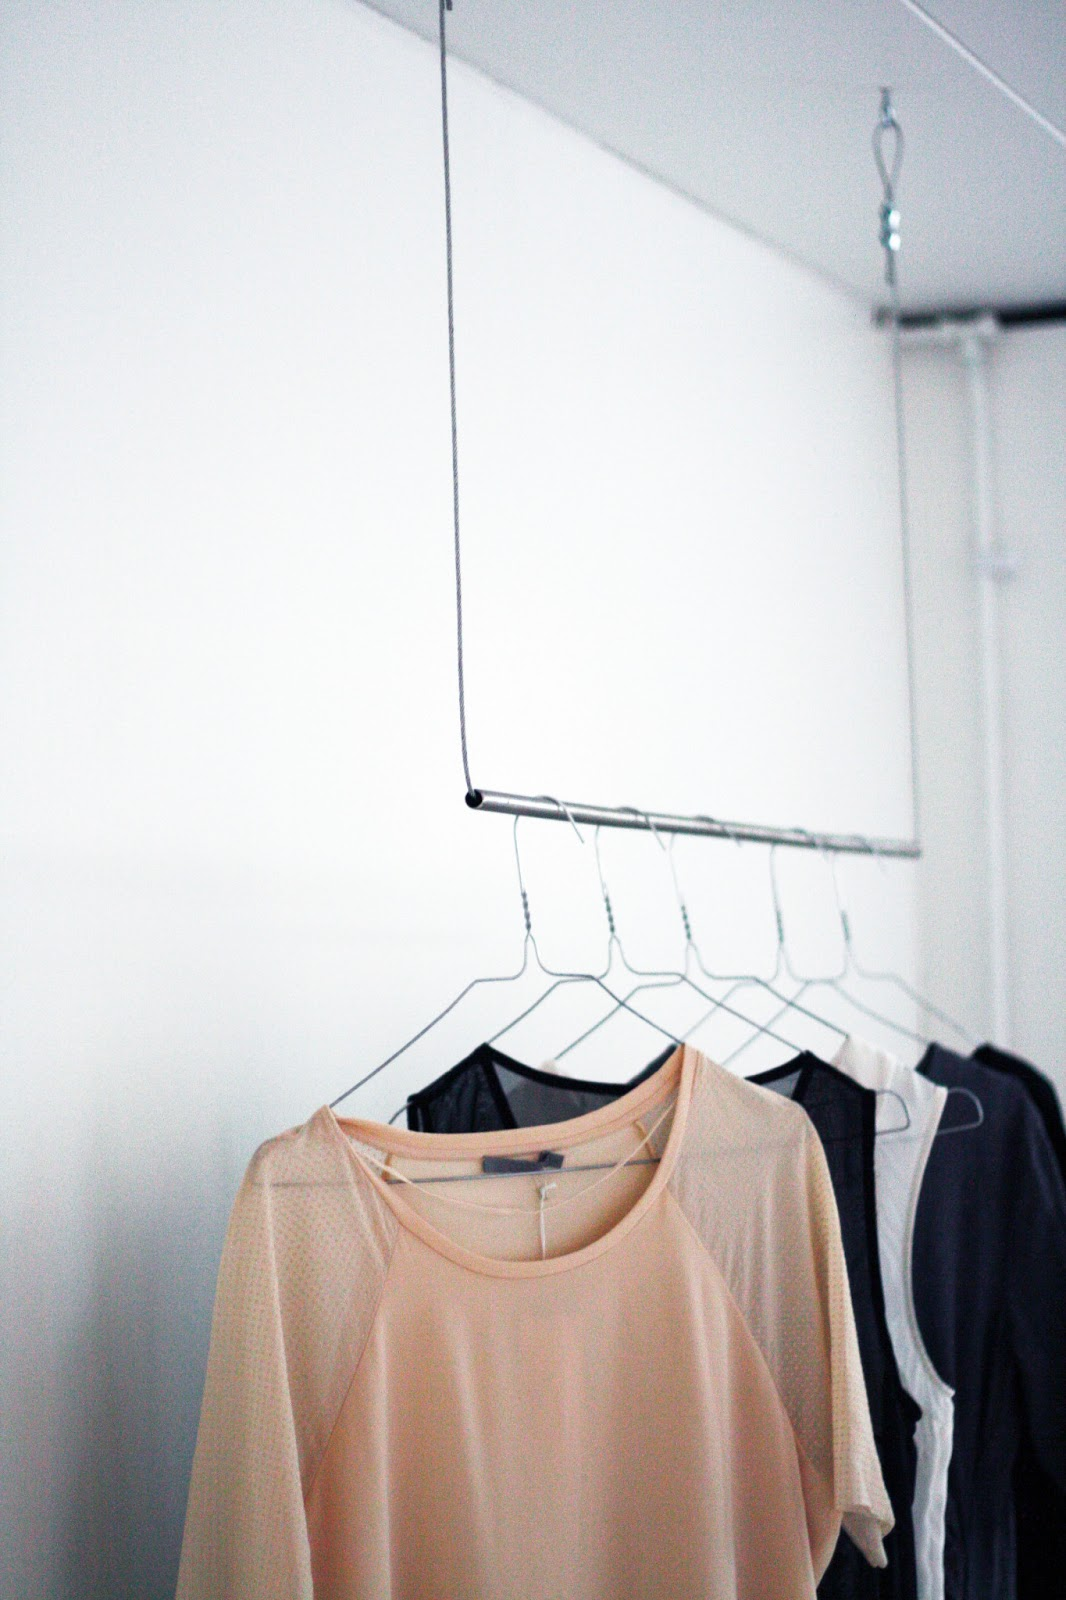 Vi byggde en klädhängare u2013 Emma Fahlstedt